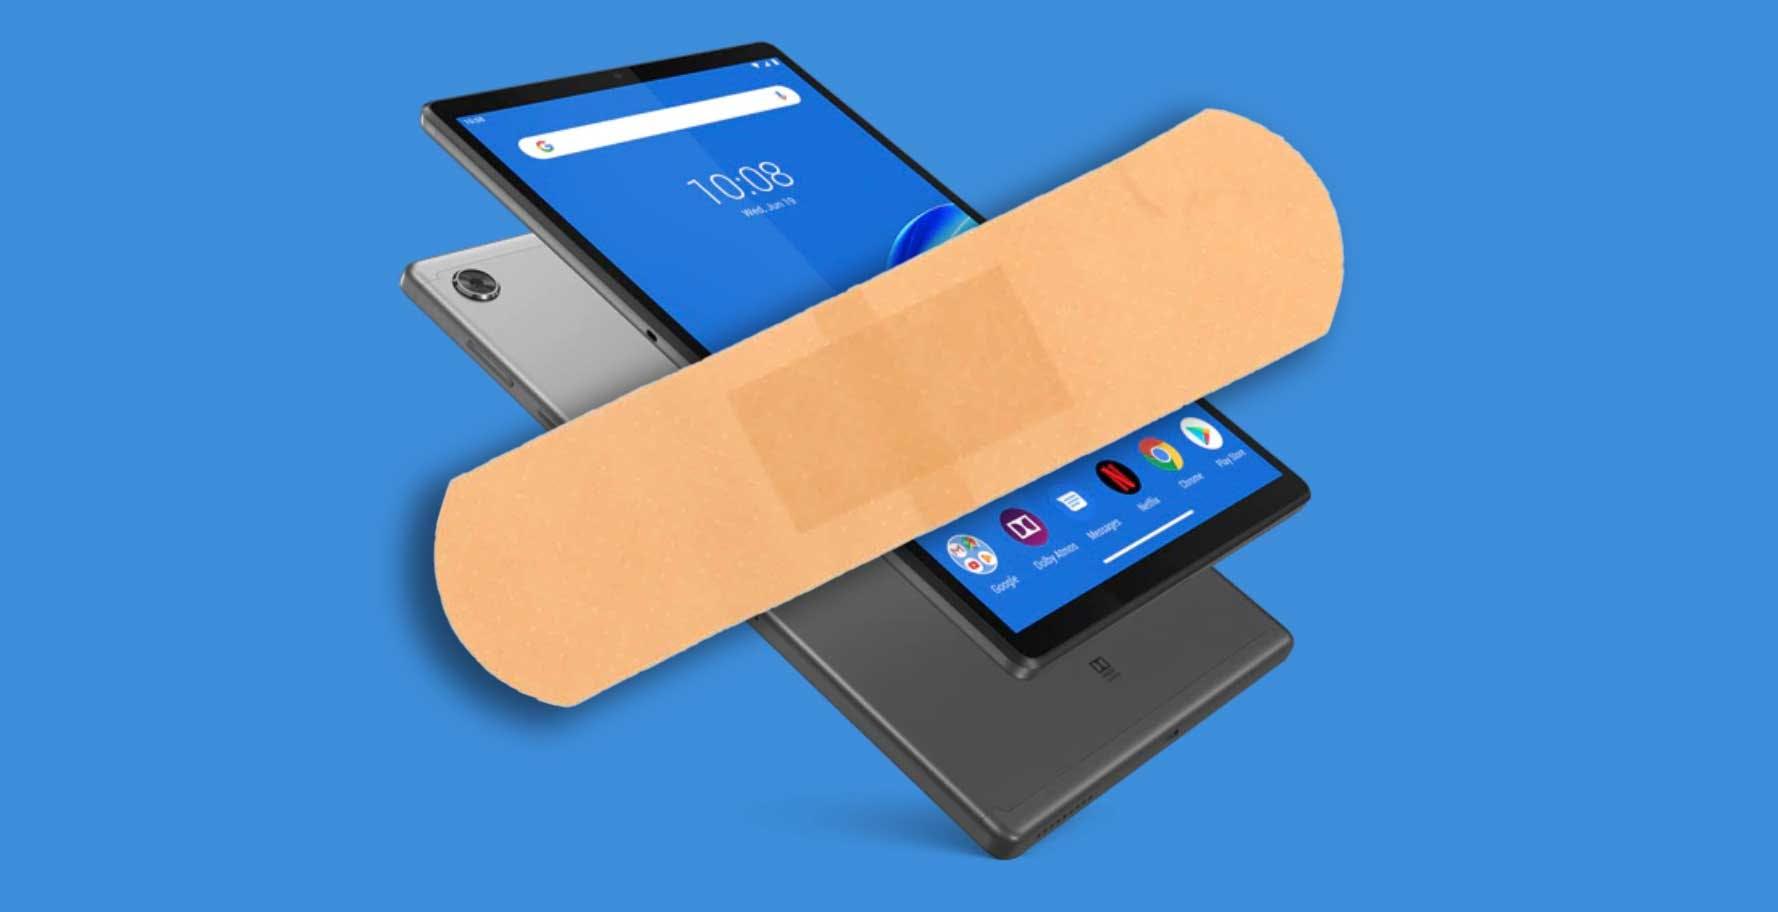 Bonus banda larga, Infratel mette un altro cerotto sulle specifiche insensate dei tablet e dei notebook